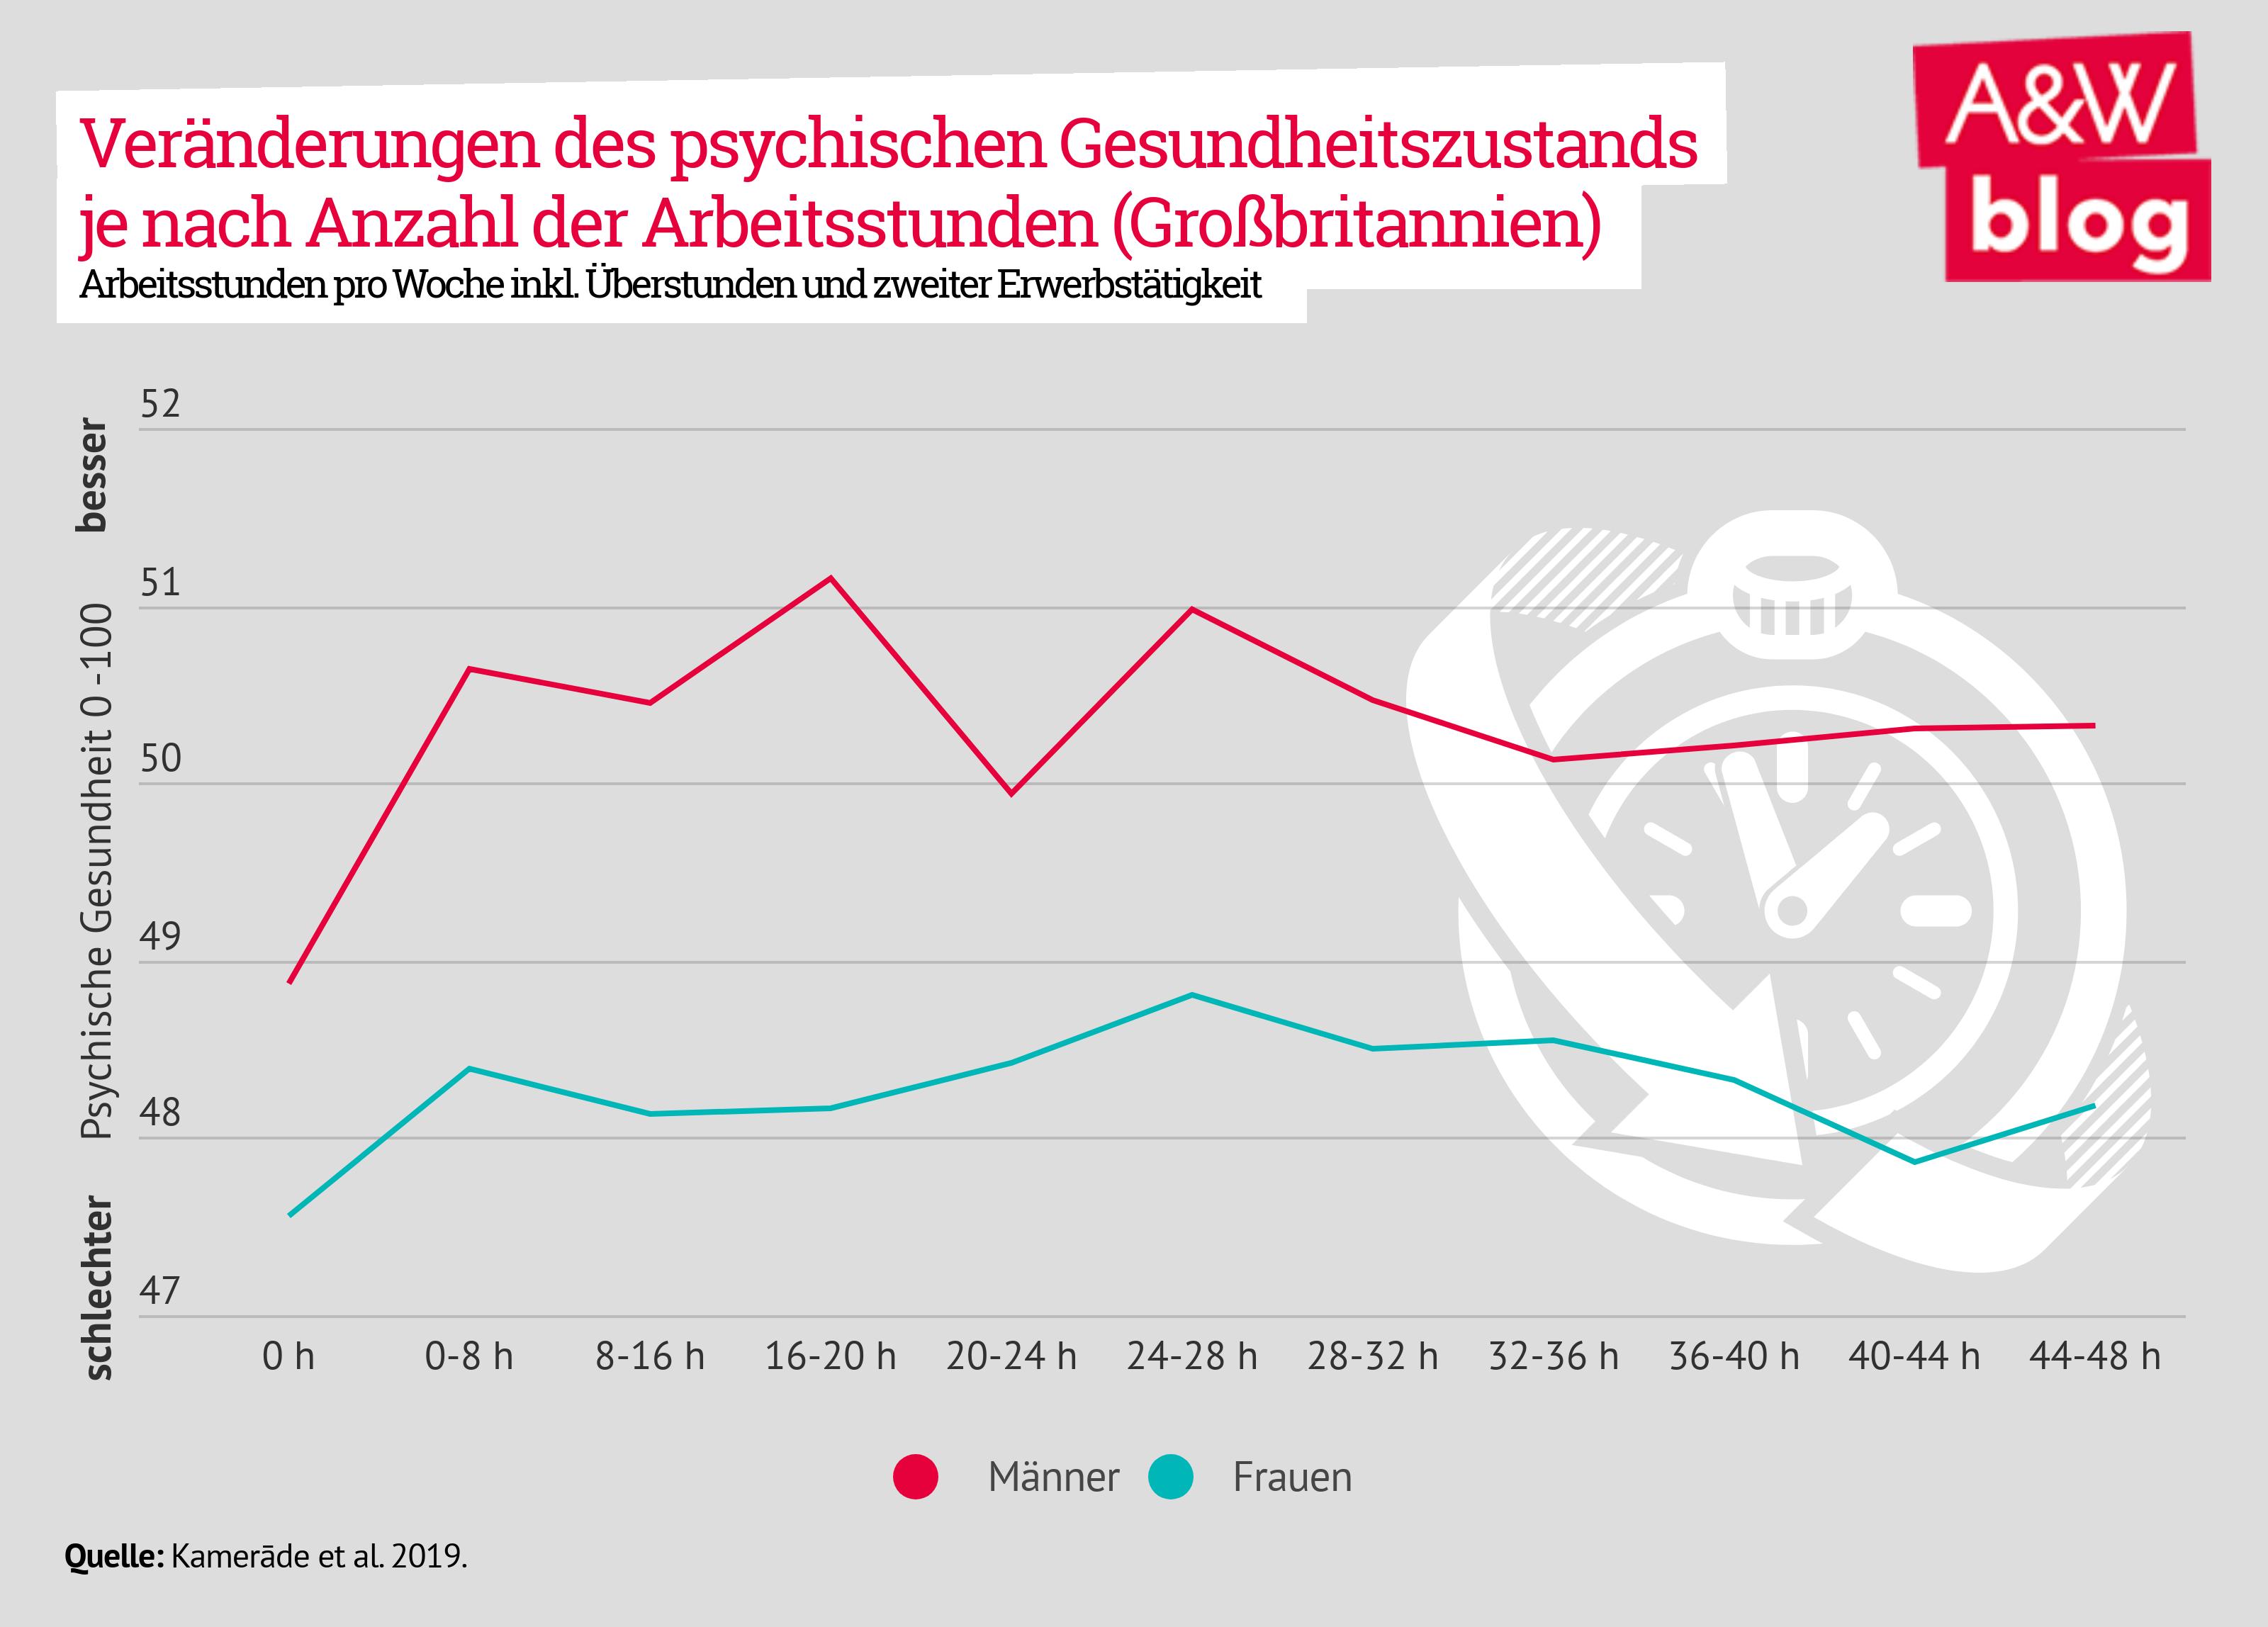 Veränderung des psychischen Gesundheitszustands je nach Anzahl der Arbeitsstunden